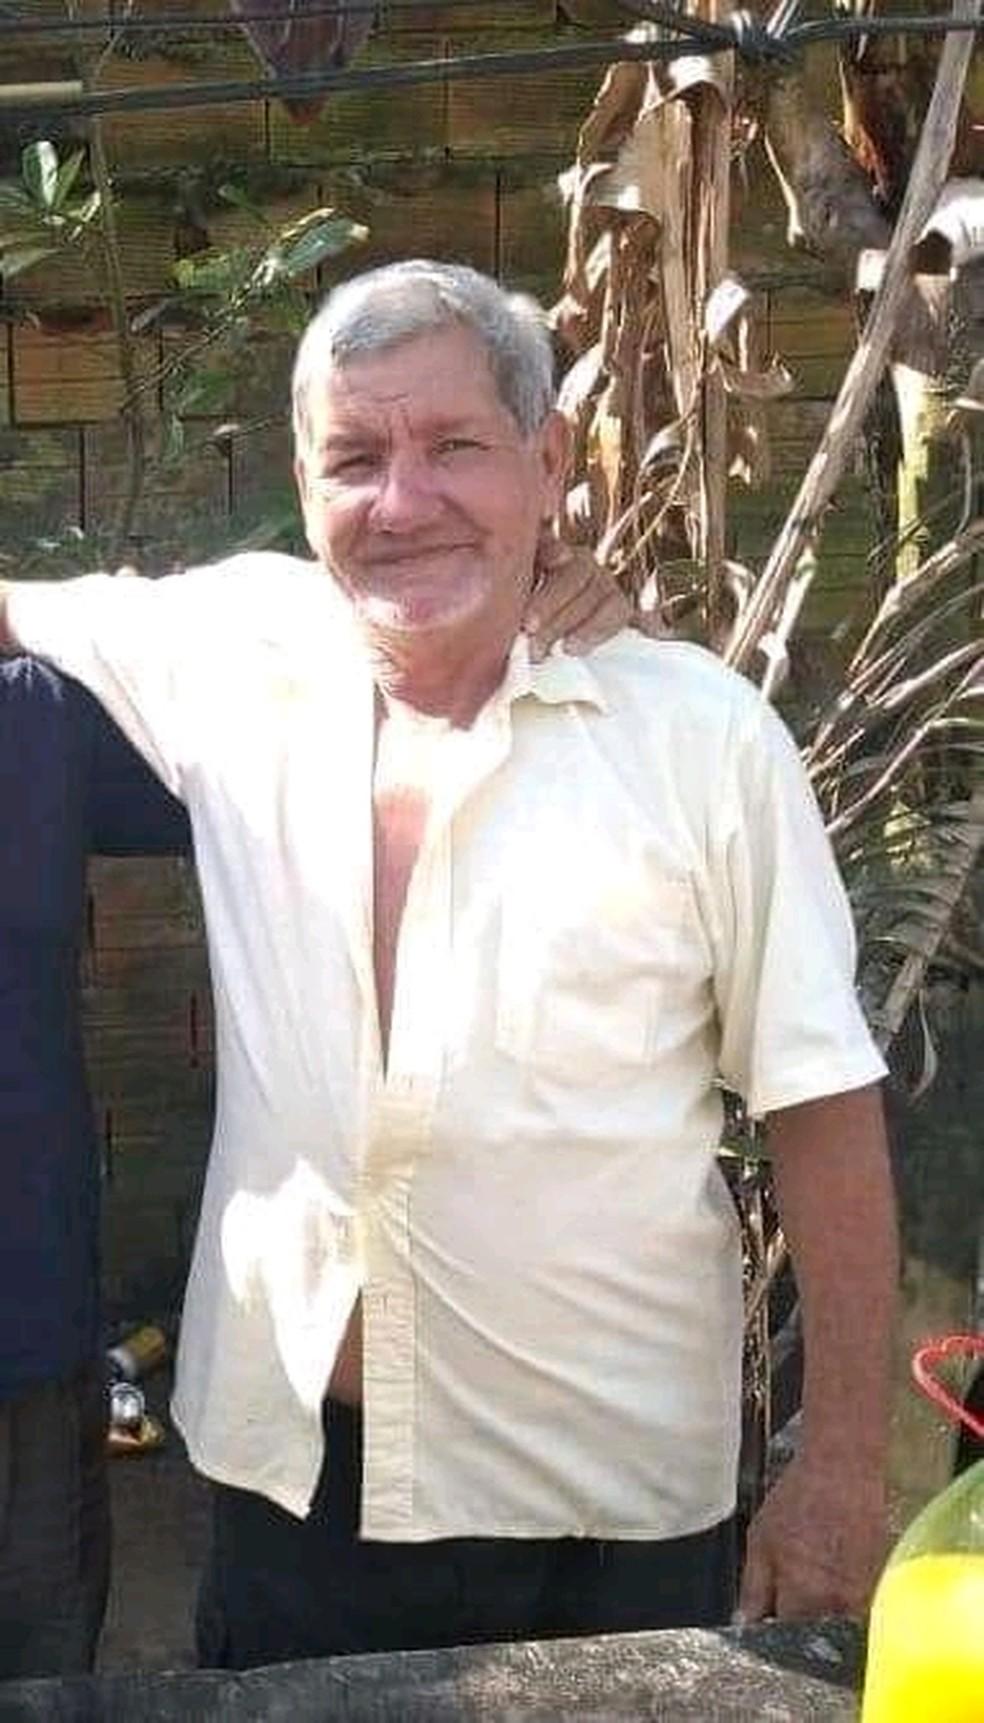 Idoso foi encontrado enterrado em próprio quintal pelos filhos em Ilha Comprida, SP — Foto: Divulgação/Polícia Militar